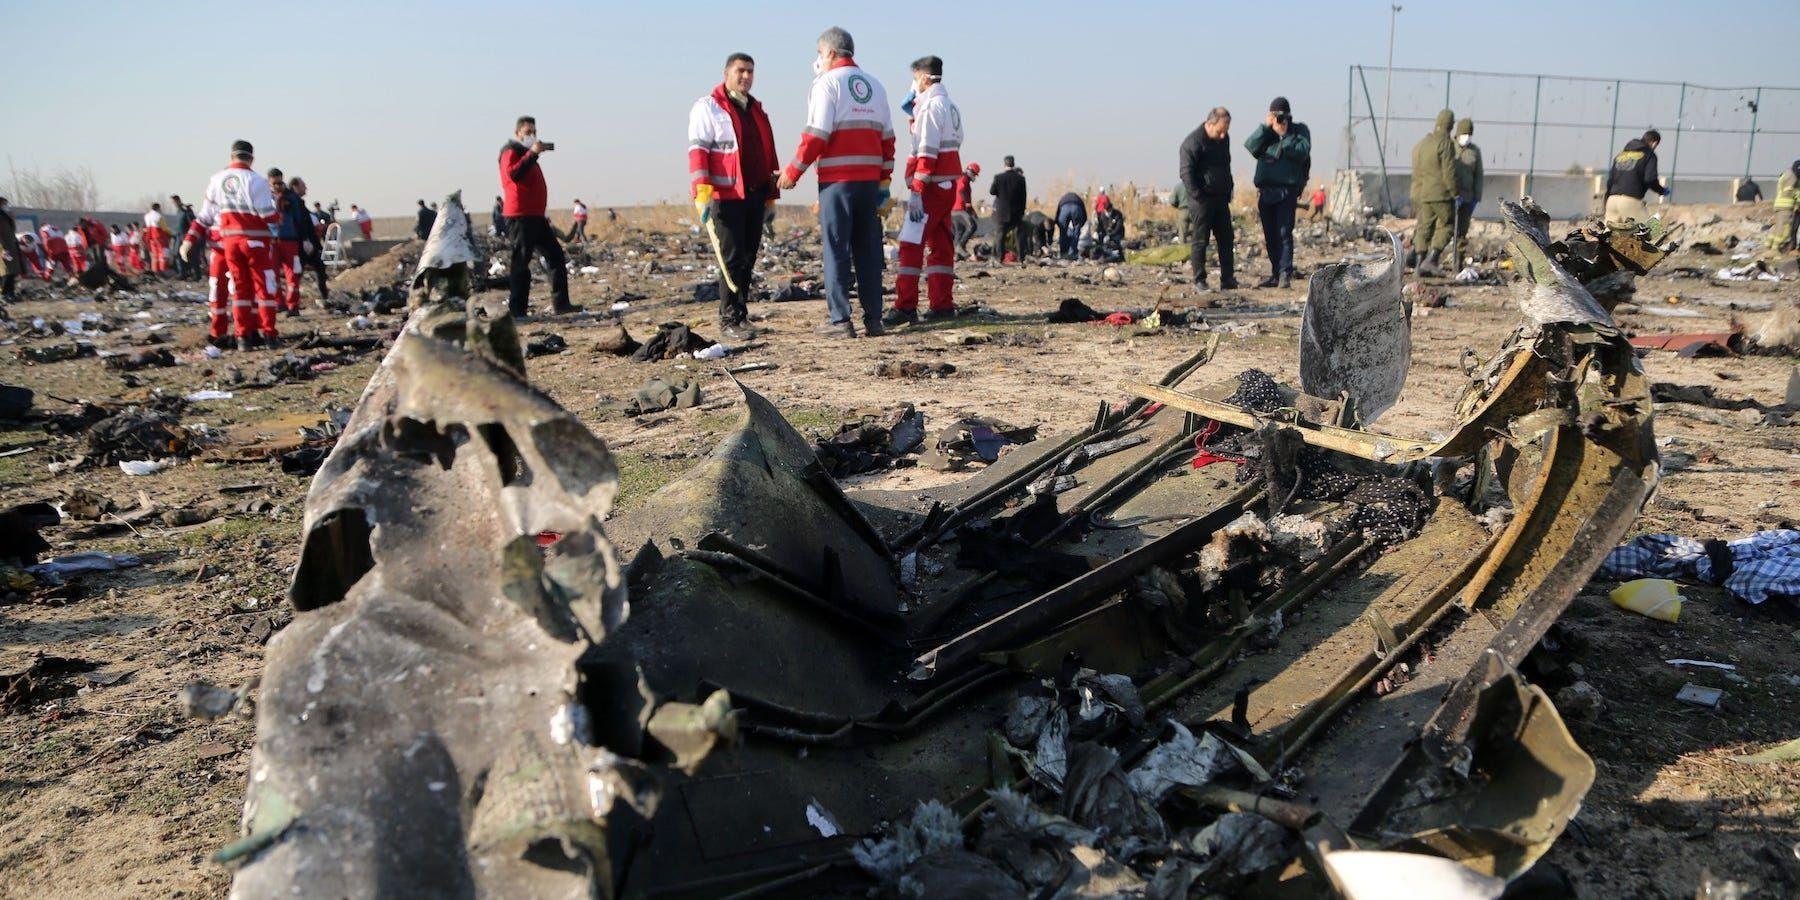 Ukraine knew Flight 752 had been shot down, but it was careful not to antagonize Iran